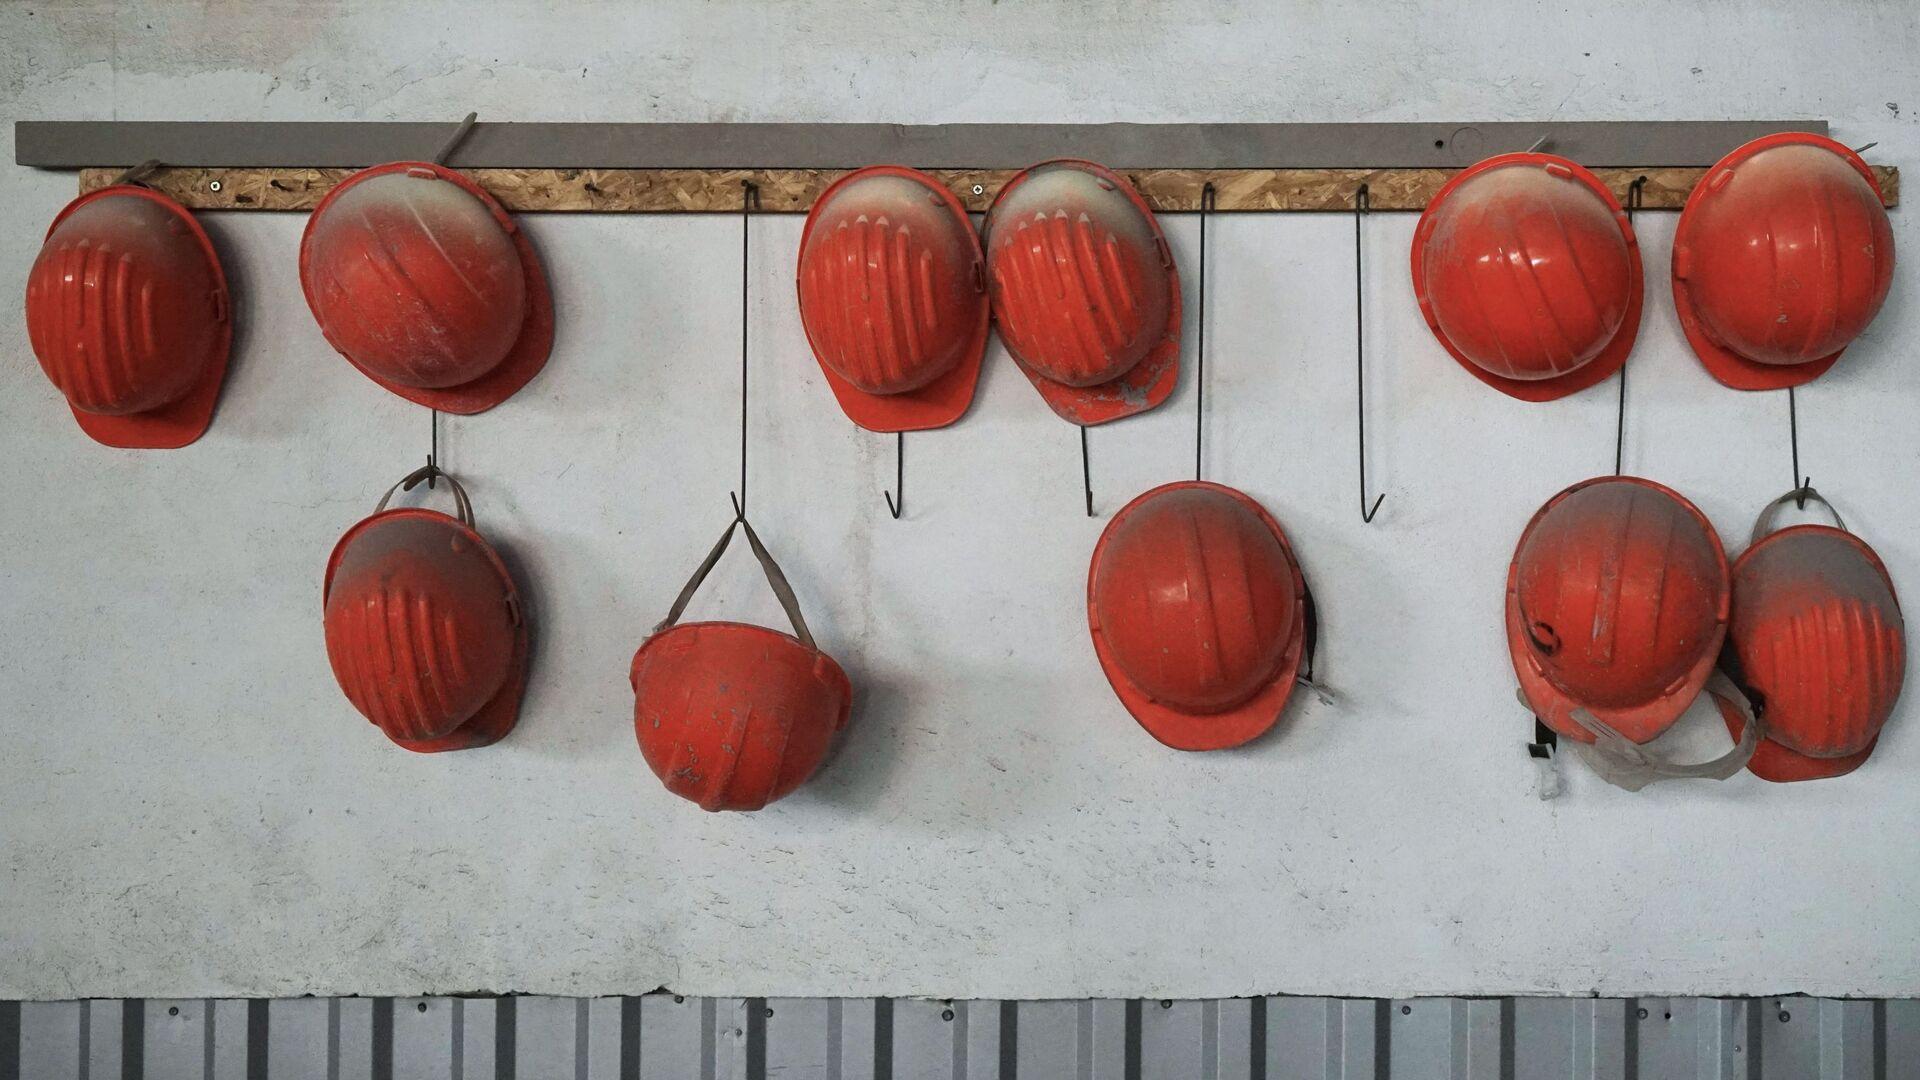 Каски рабочих - Sputnik Latvija, 1920, 25.09.2021